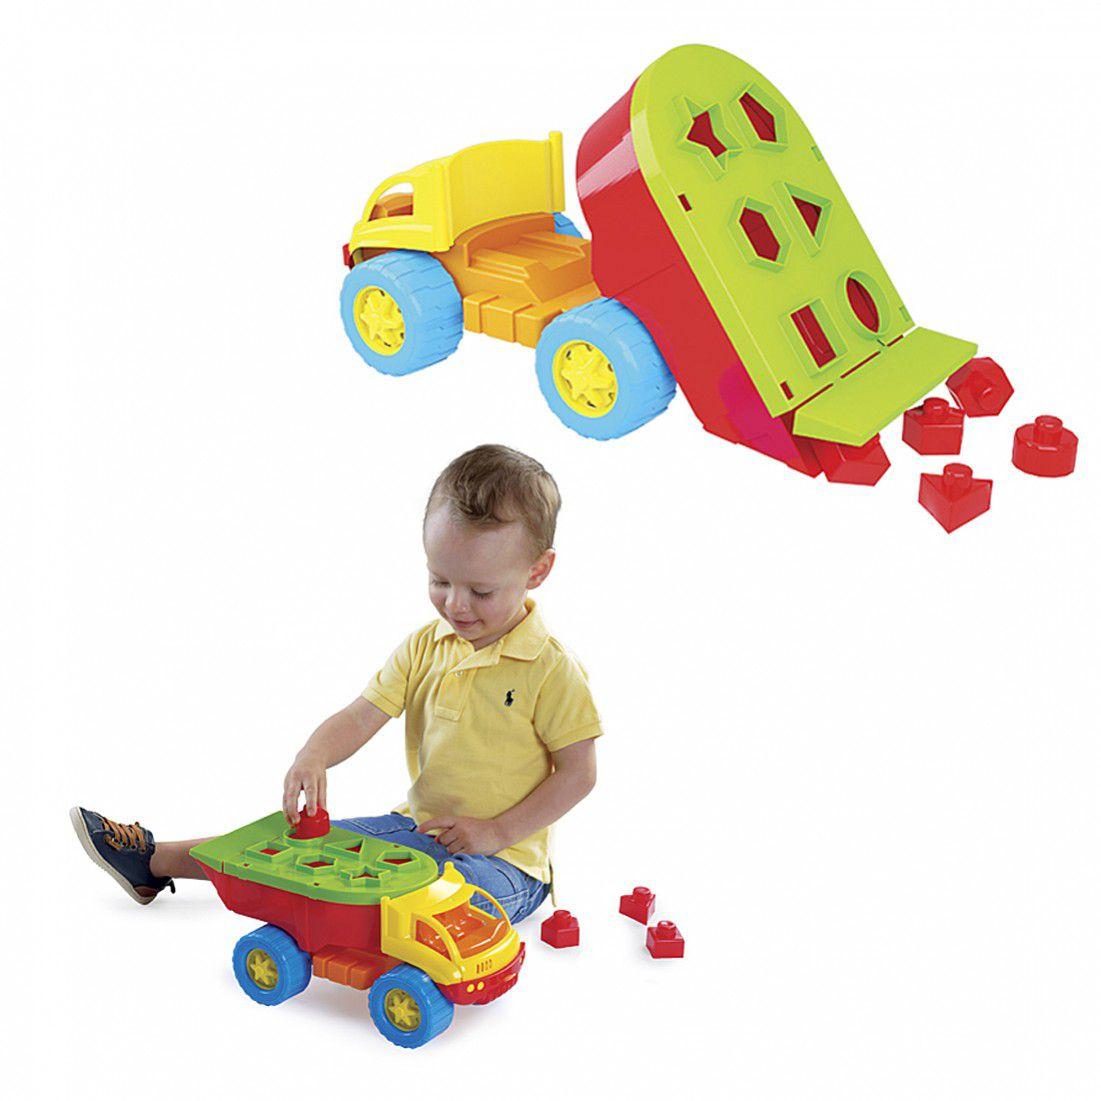 Caminhão De Brinquedo Blocos De Encaixar Iron Truck - Dismat